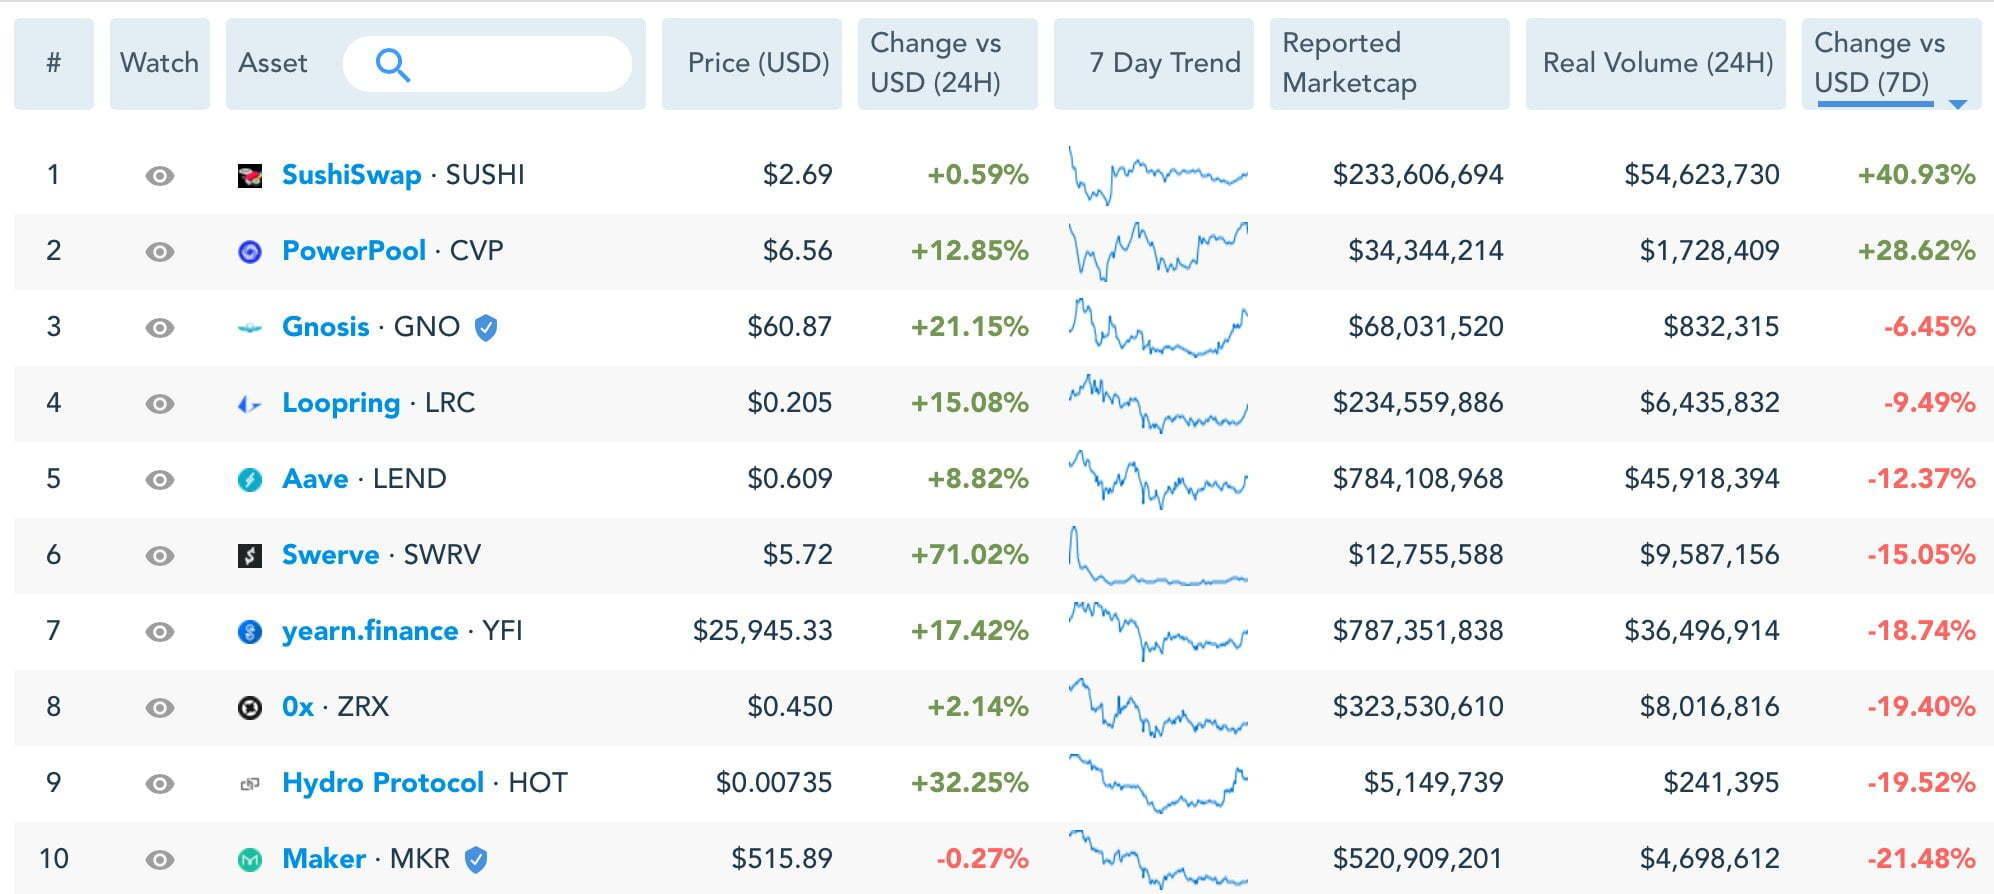 defi-koinleri-fiyat-grafik-piyasa